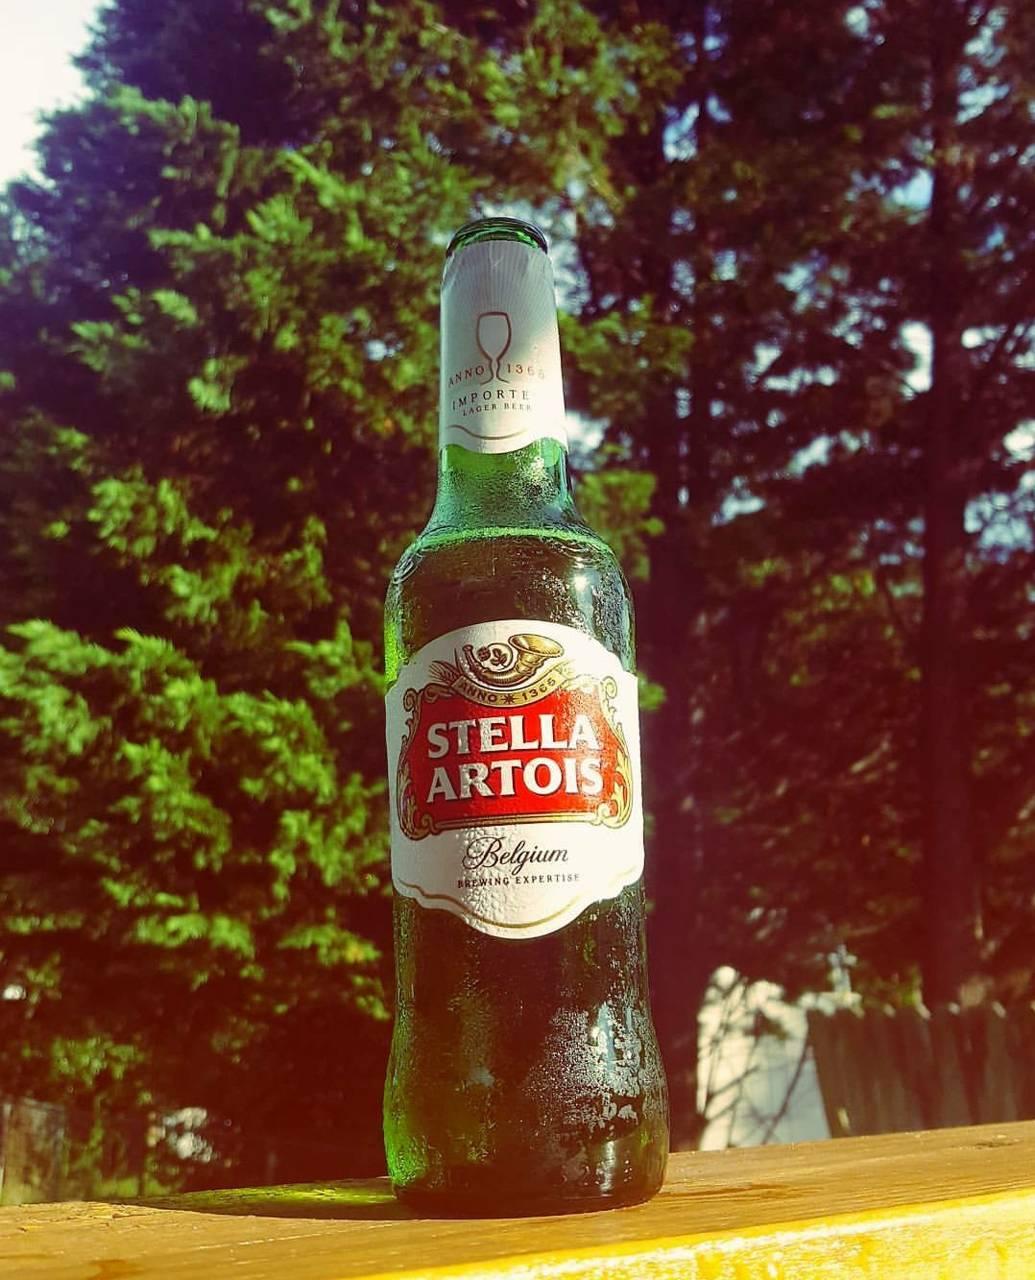 The Belgian beer